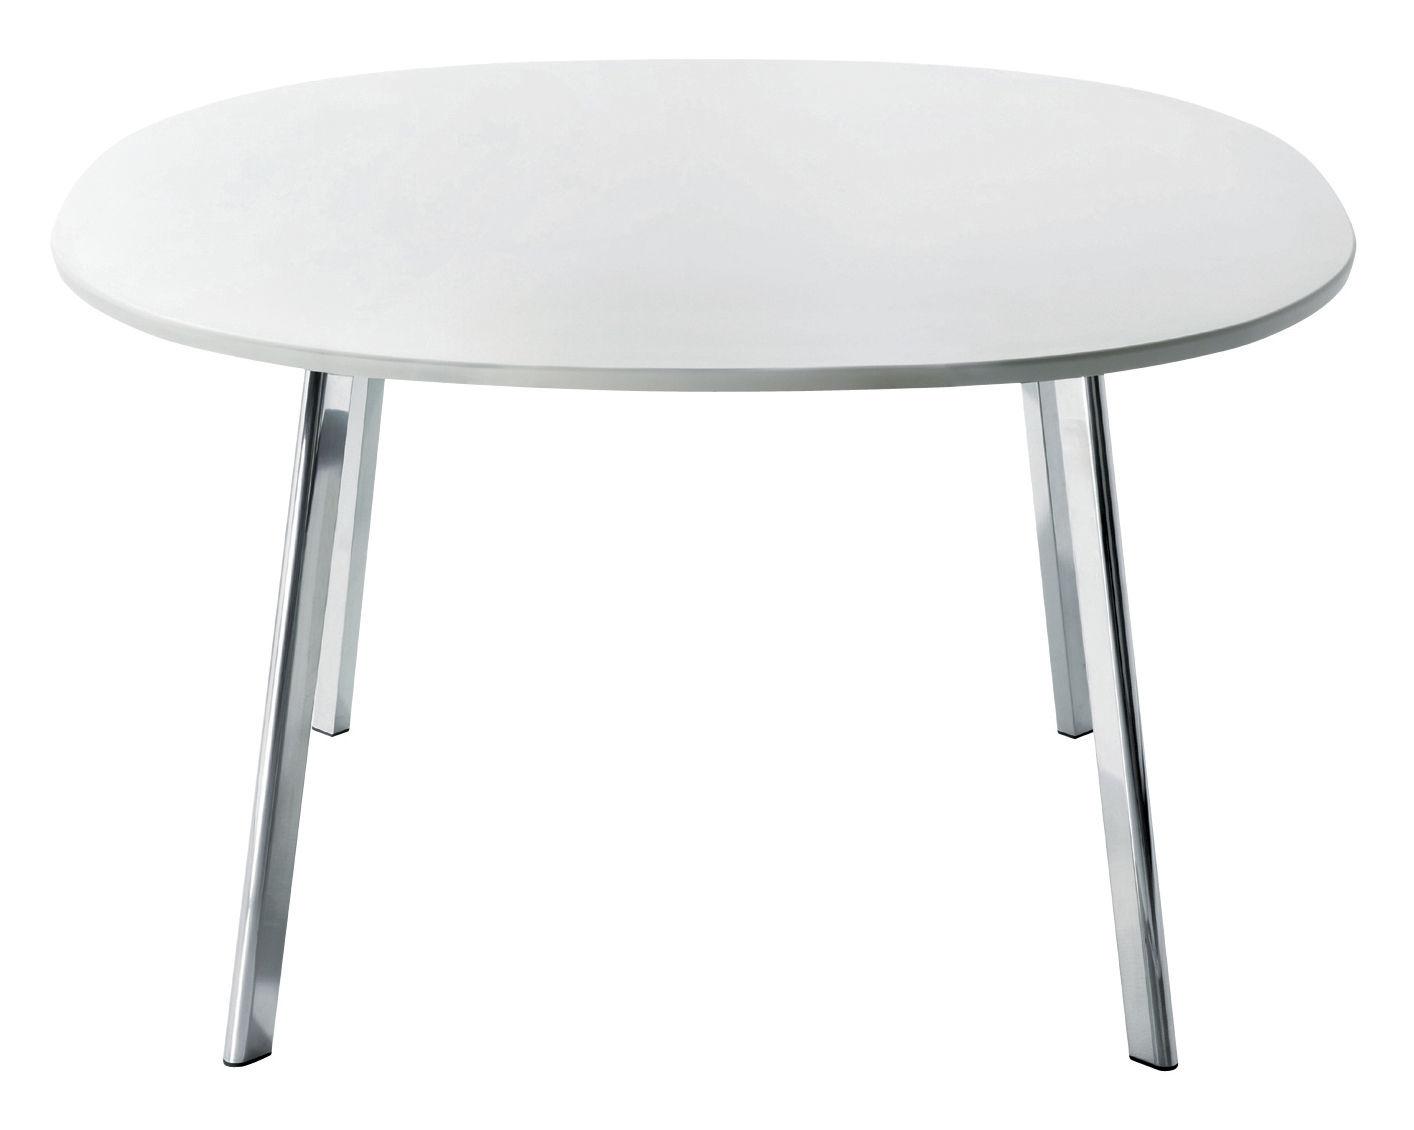 Arredamento - Tavoli - Tavolo quadrato Déjà-vu - 98 cm di Magis - 98x98 - Piano bianco - Alluminio lucido, MDF verniciato